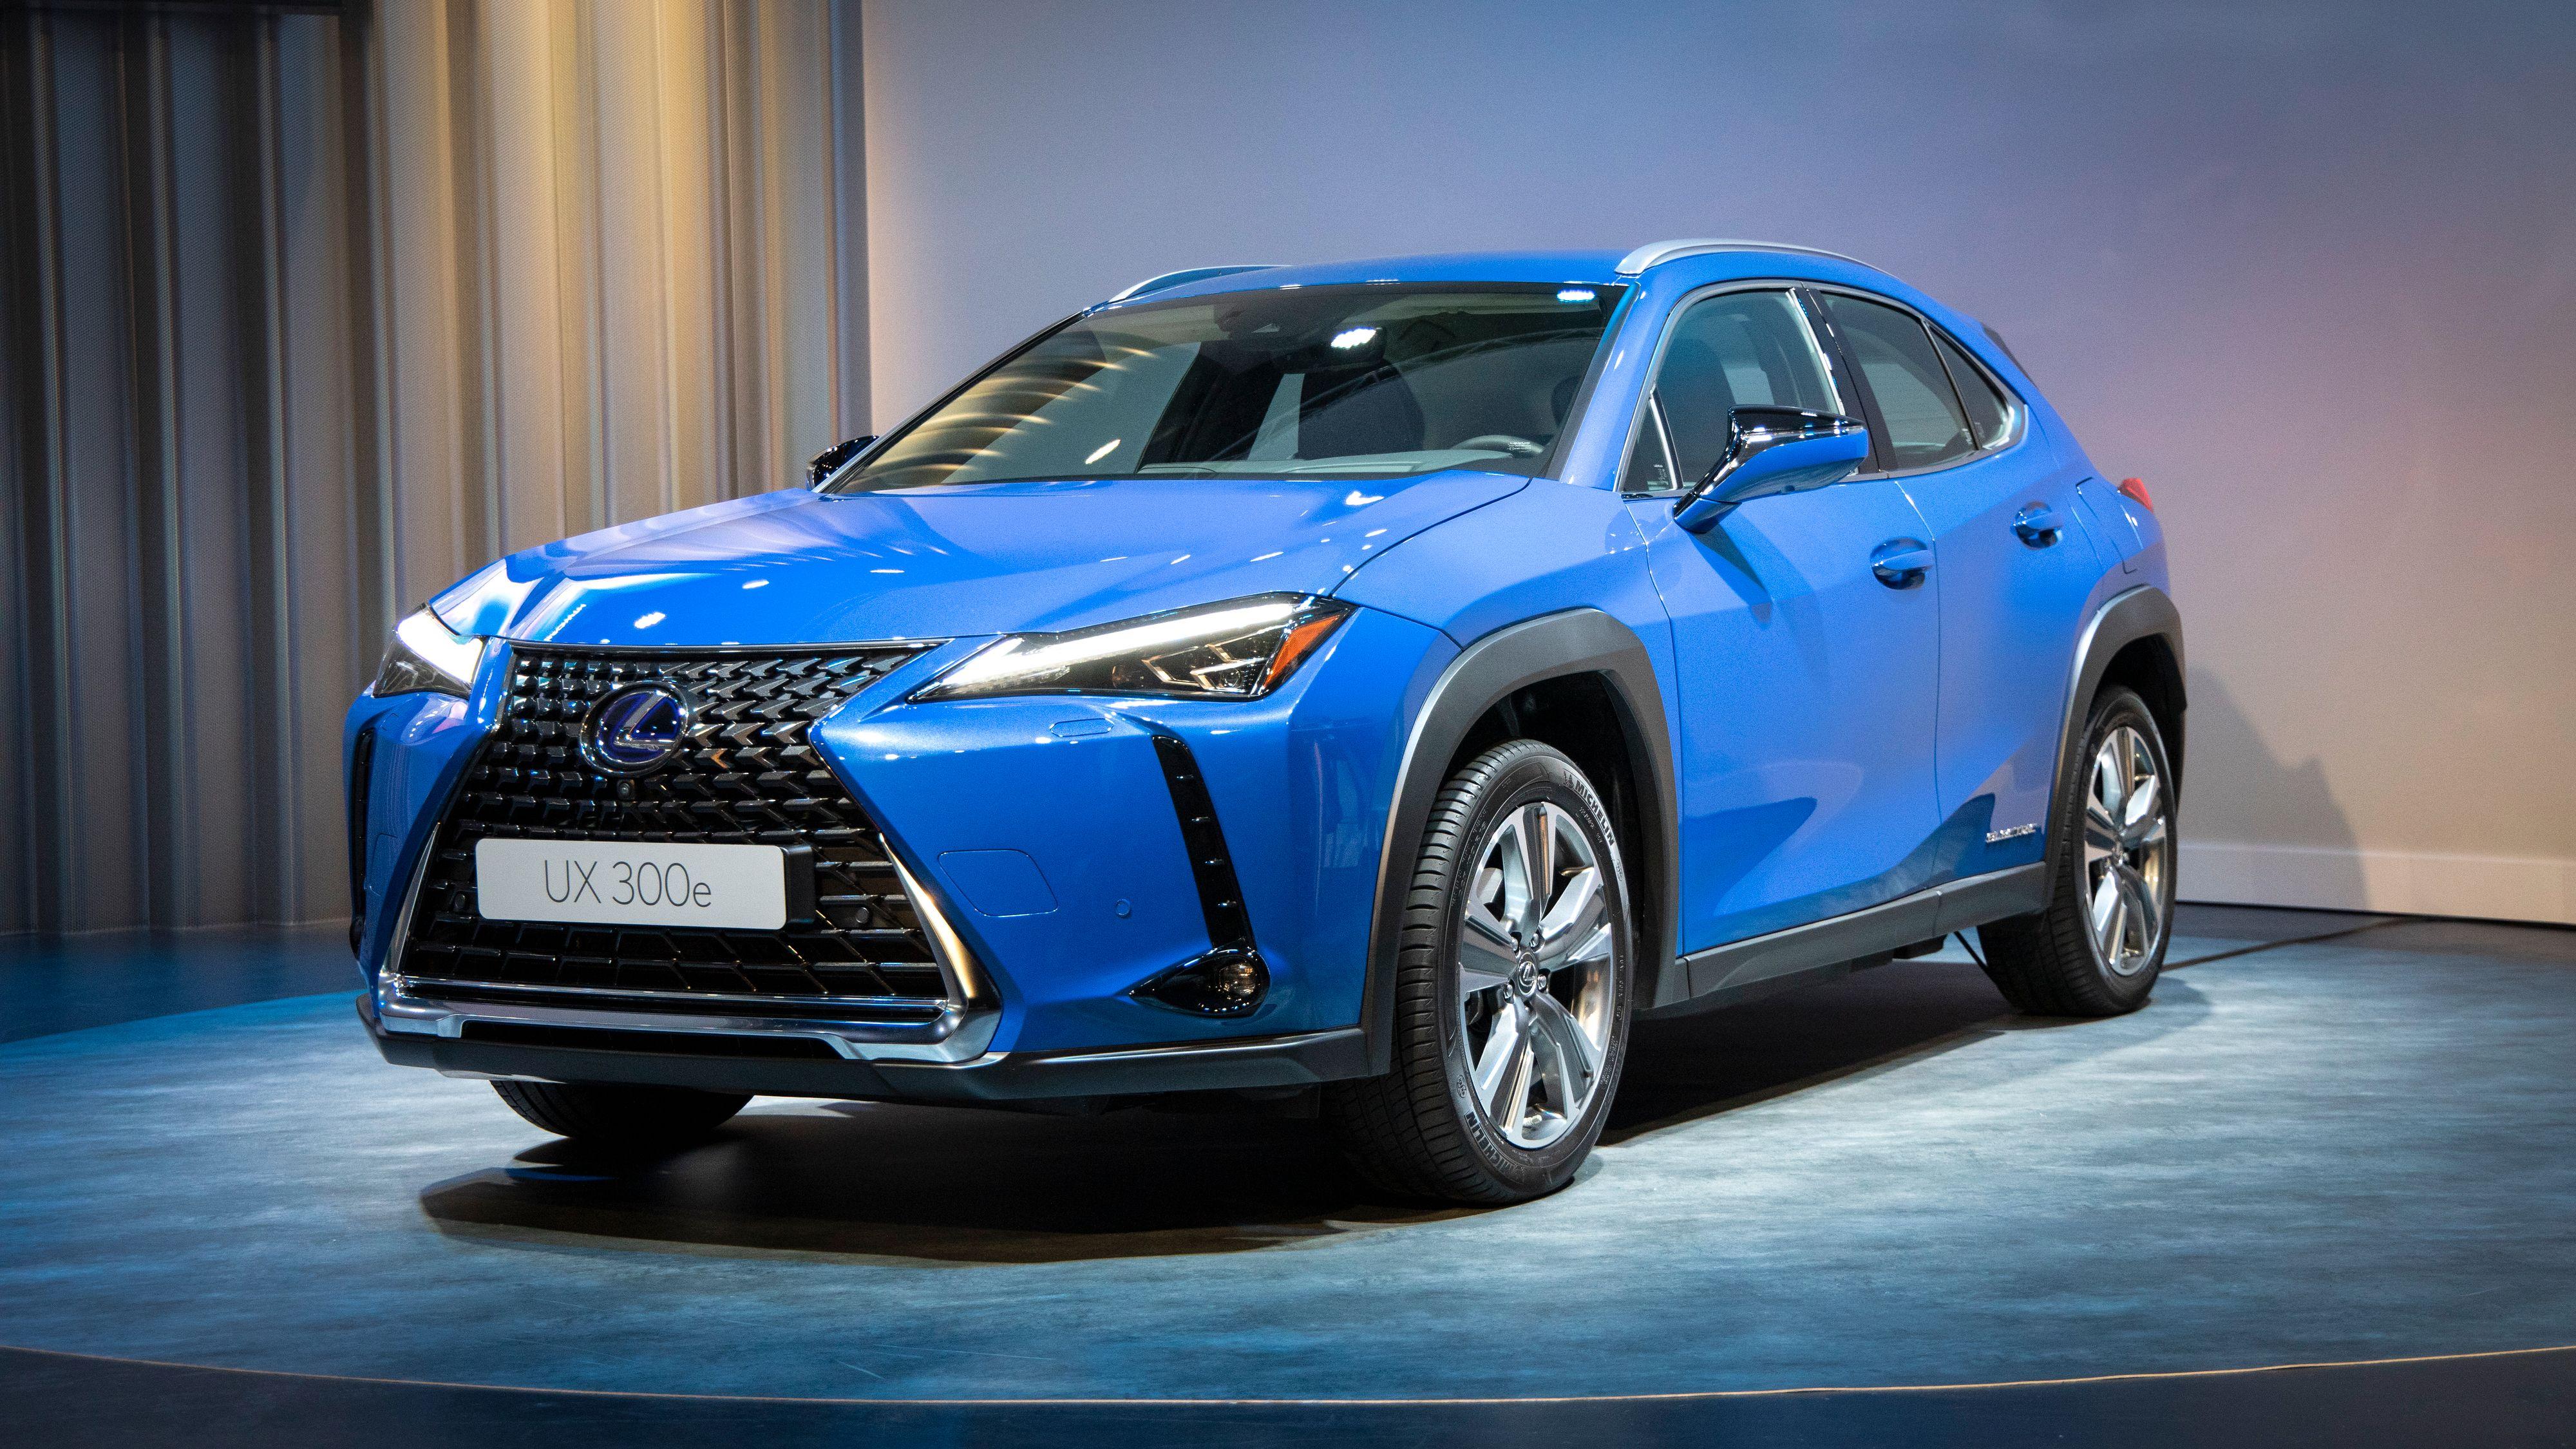 Lexus UX300e blir den første elbilen fra Toyota-konsernet. Den er basert på hybriden UX250, og altså ikke bygget på noen dedikert elbilplattform.